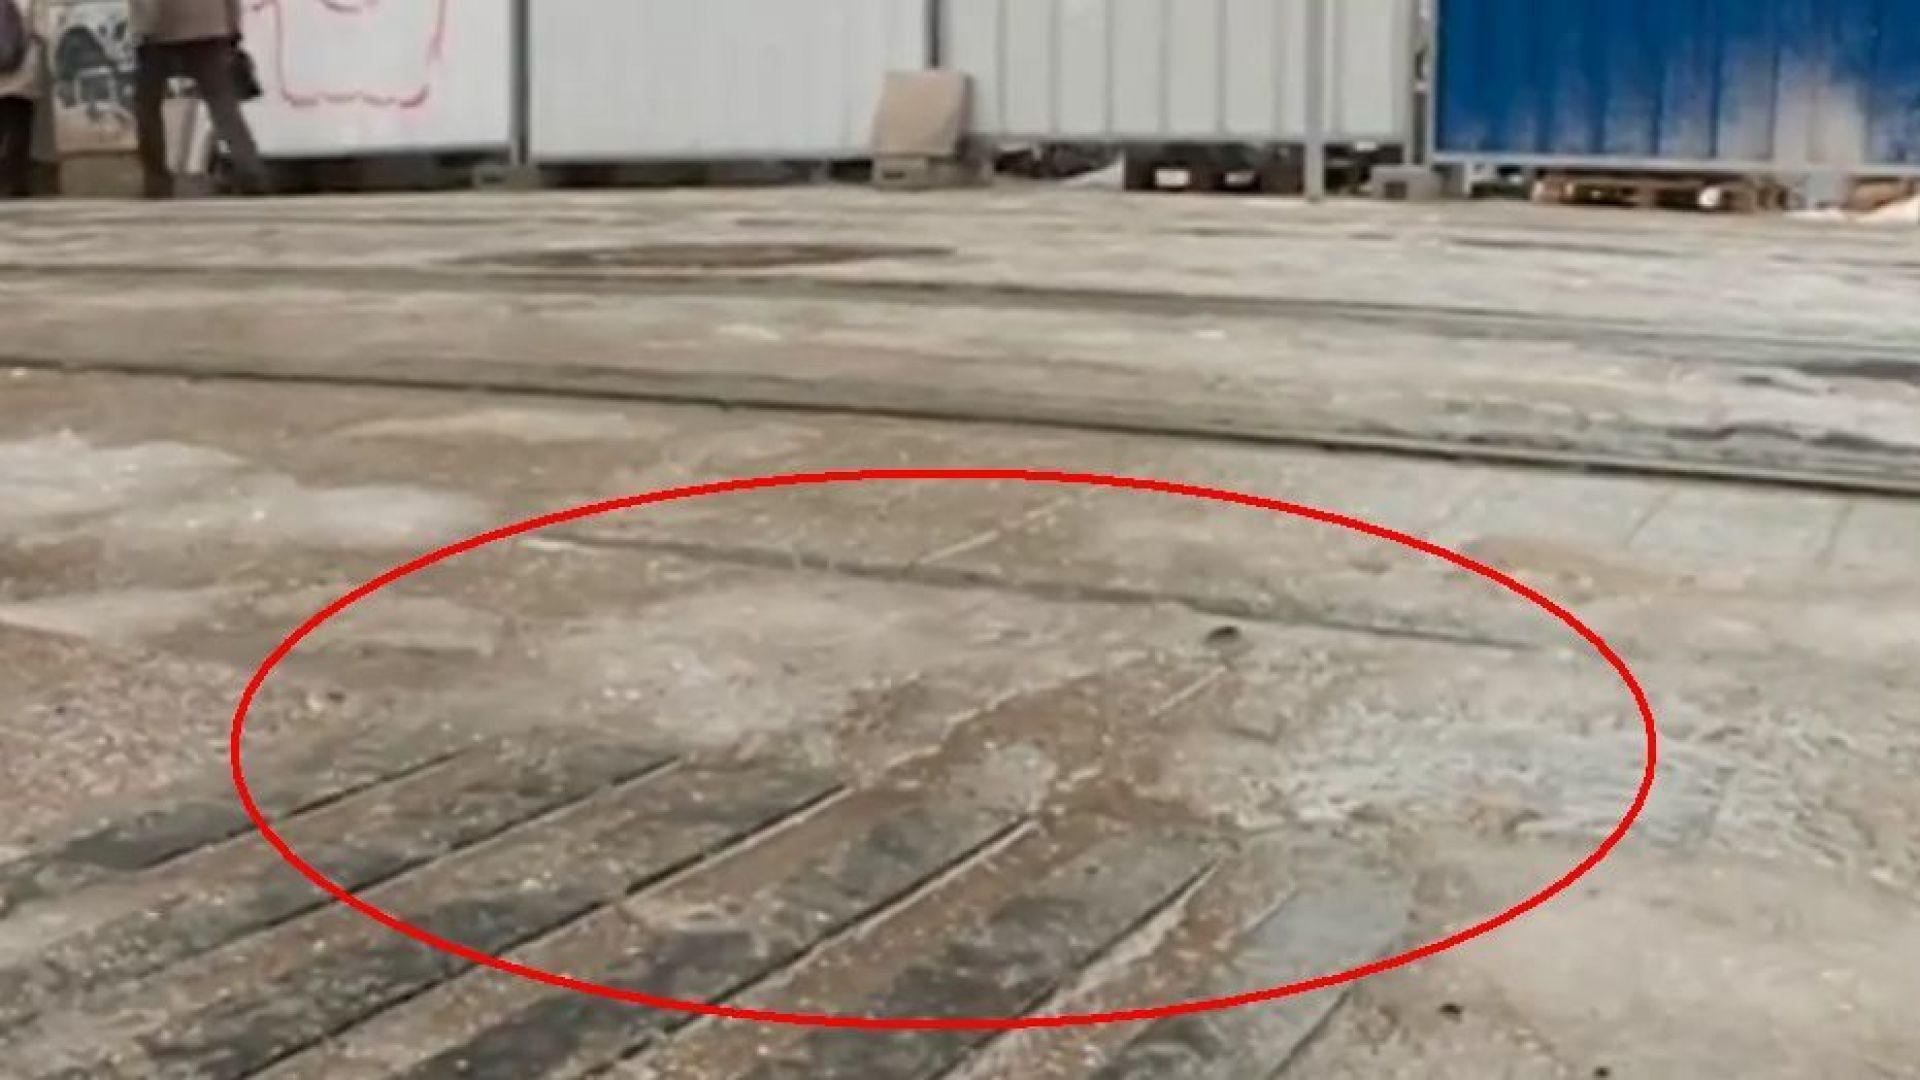 Опасна ли е пътната маркировка за незрящи в центъра на София?